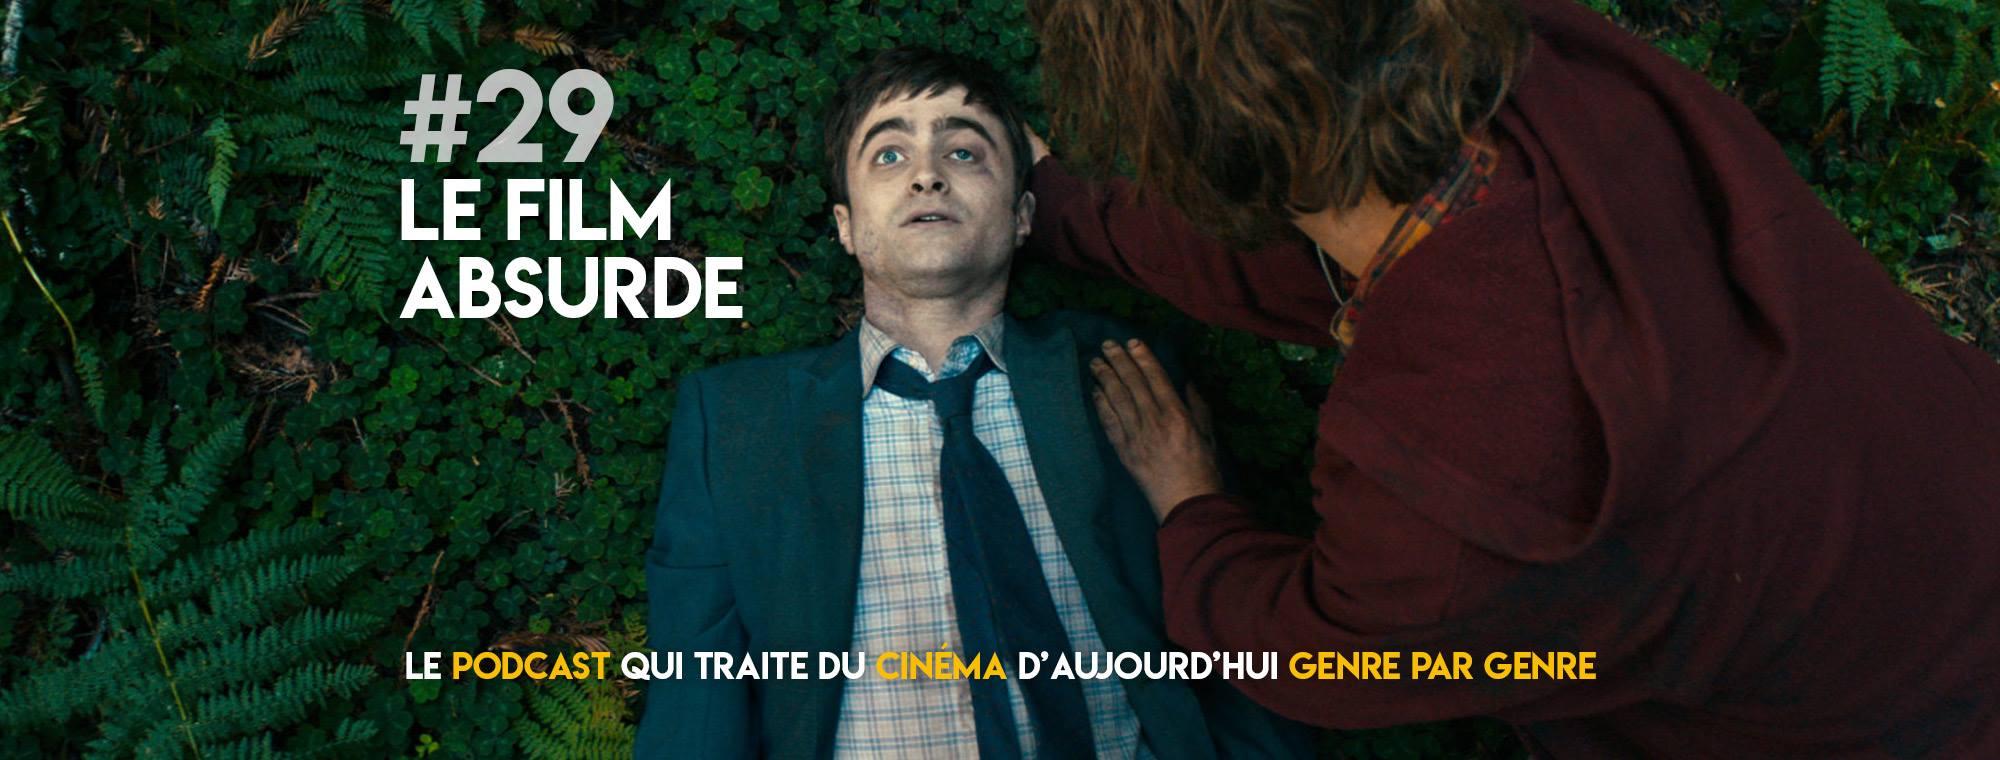 Parlons Péloches - #29 Le film absurde